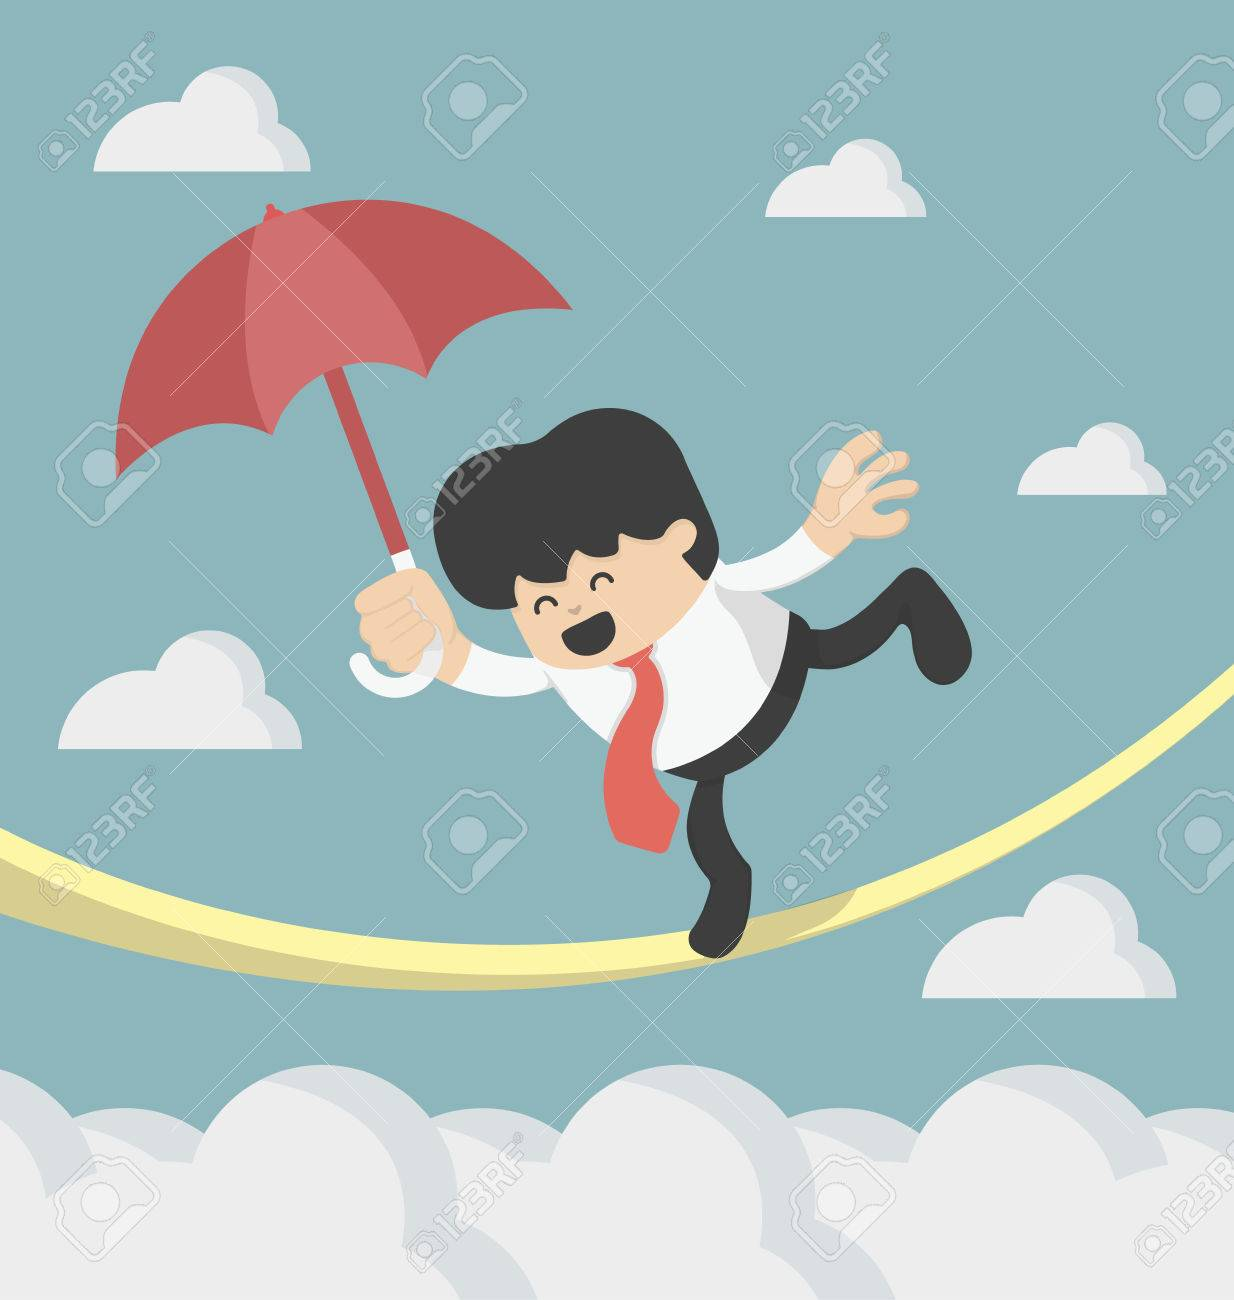 concepts Cartoons risques Banque d'images - 37539228